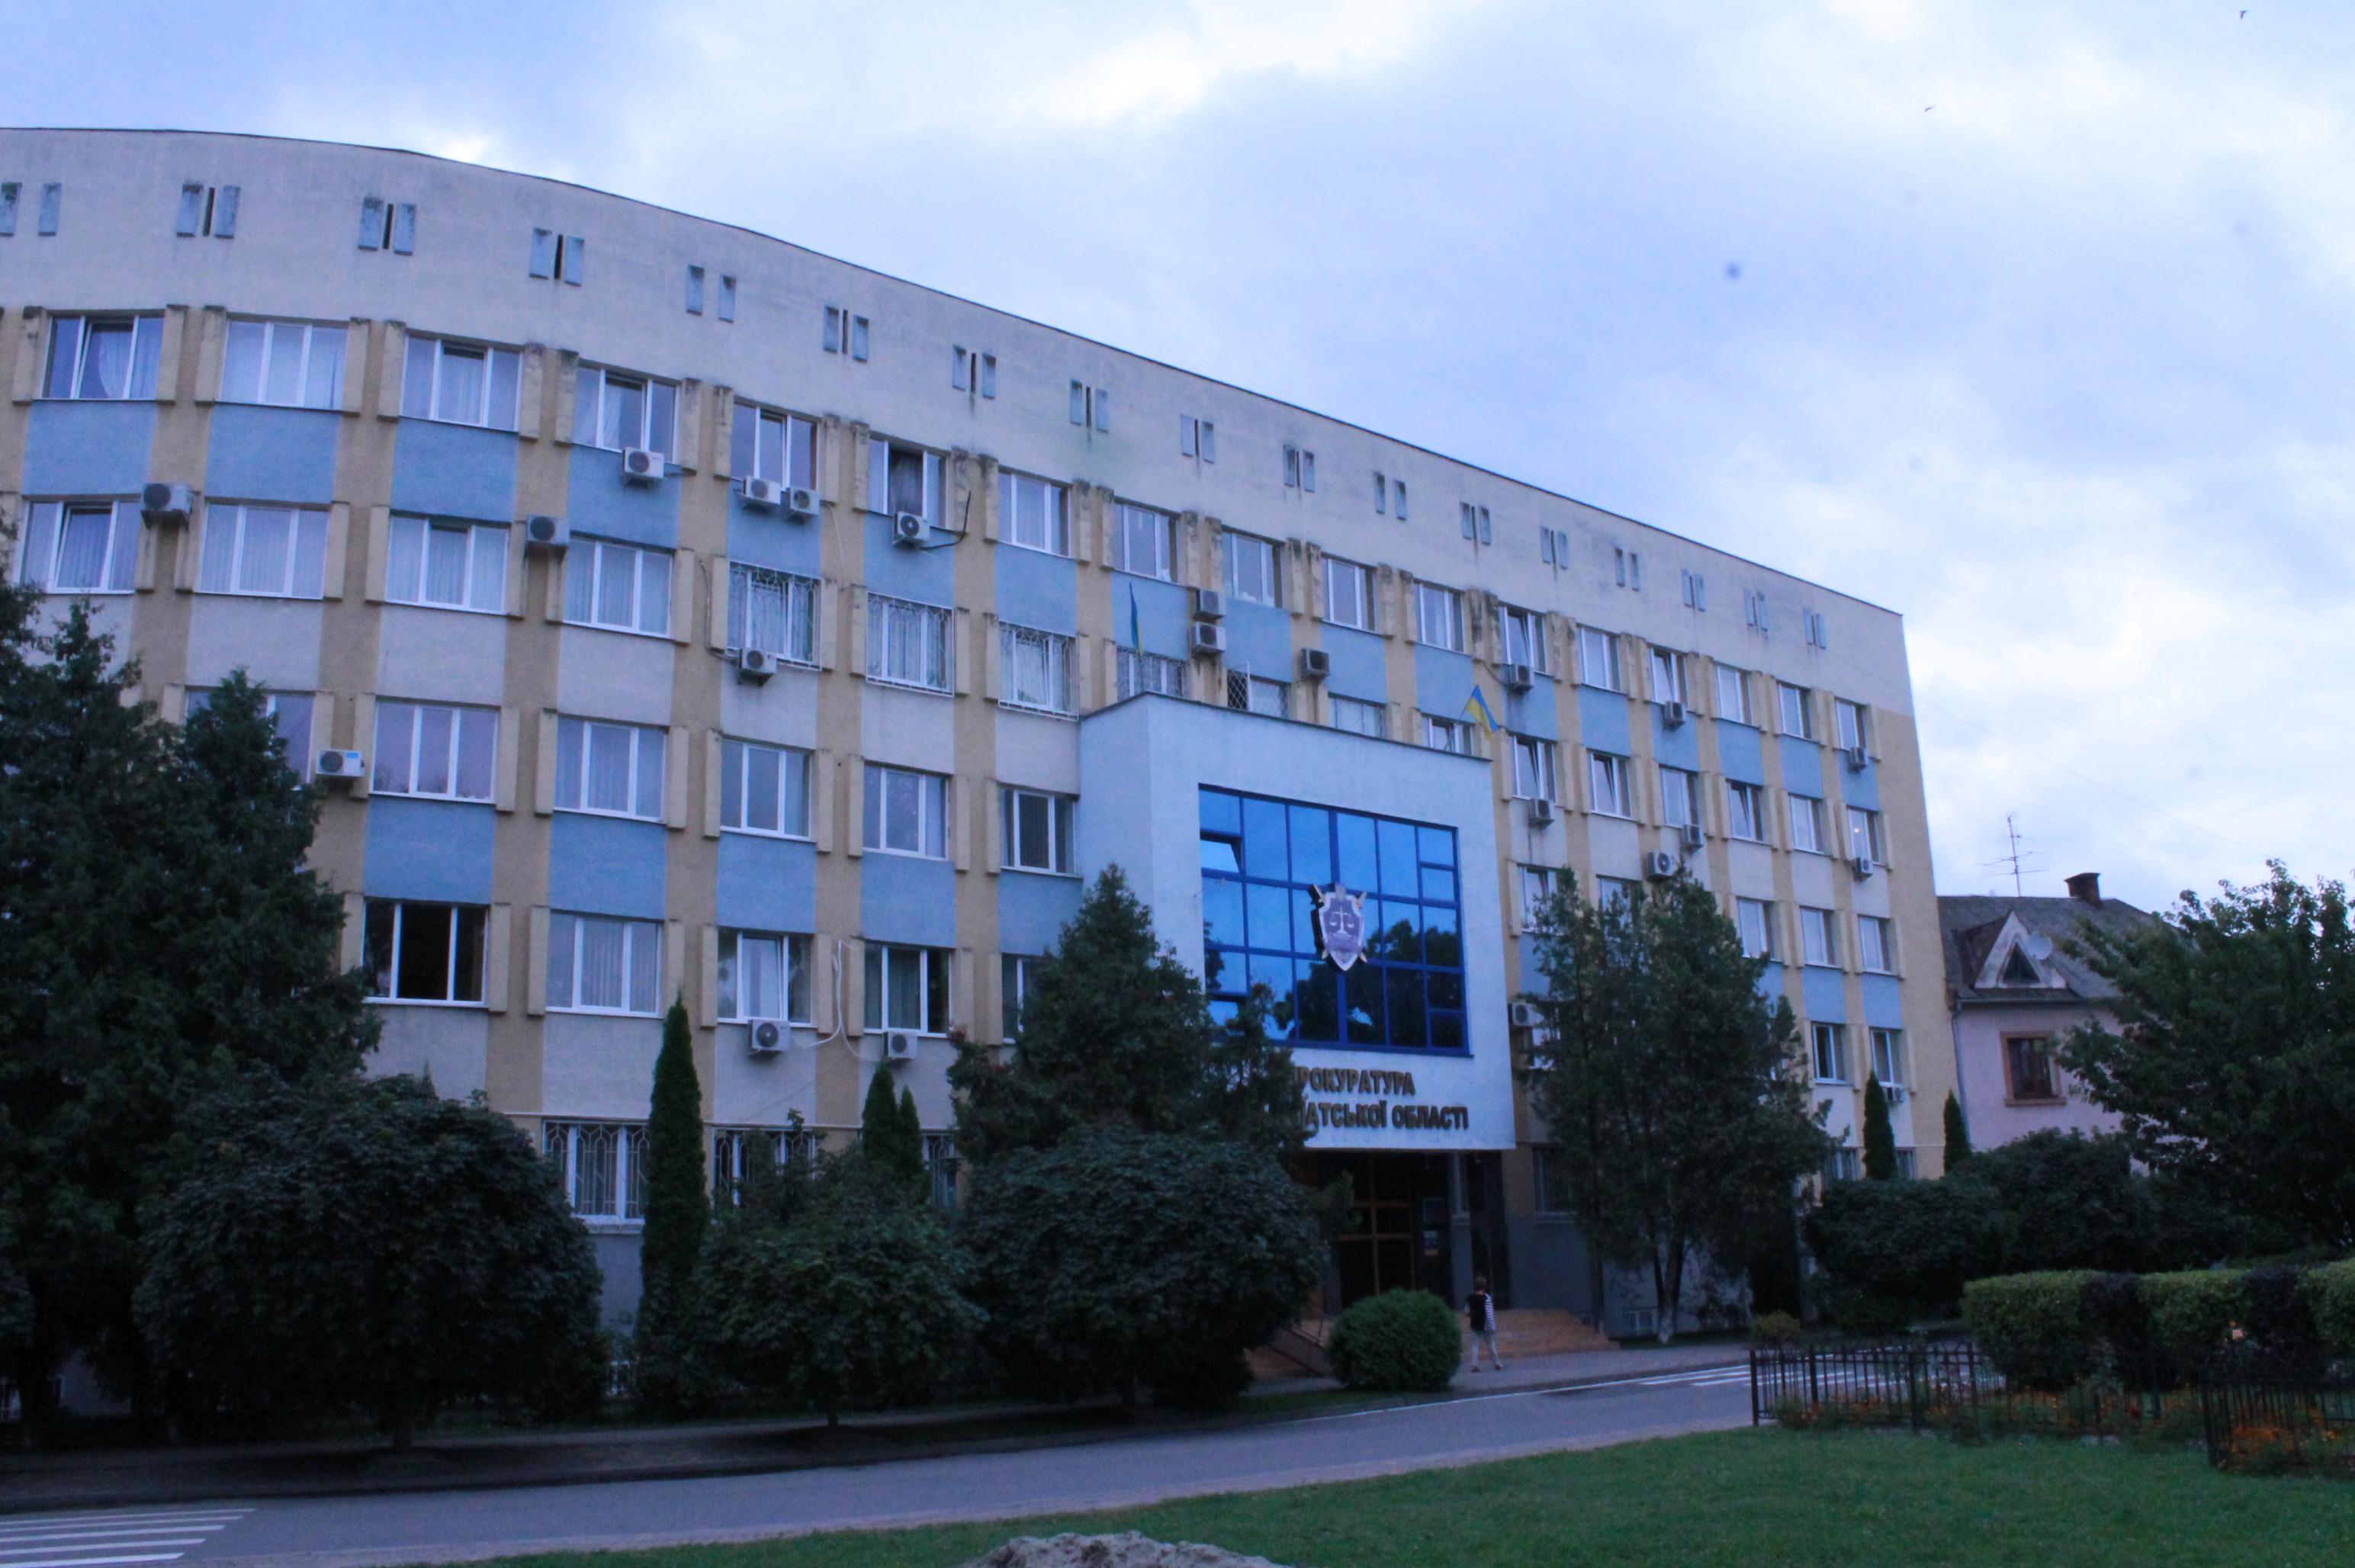 Завтра, 11 жовтня, на Закарпатті перебуватиме генпрокурор Юрій Луценко